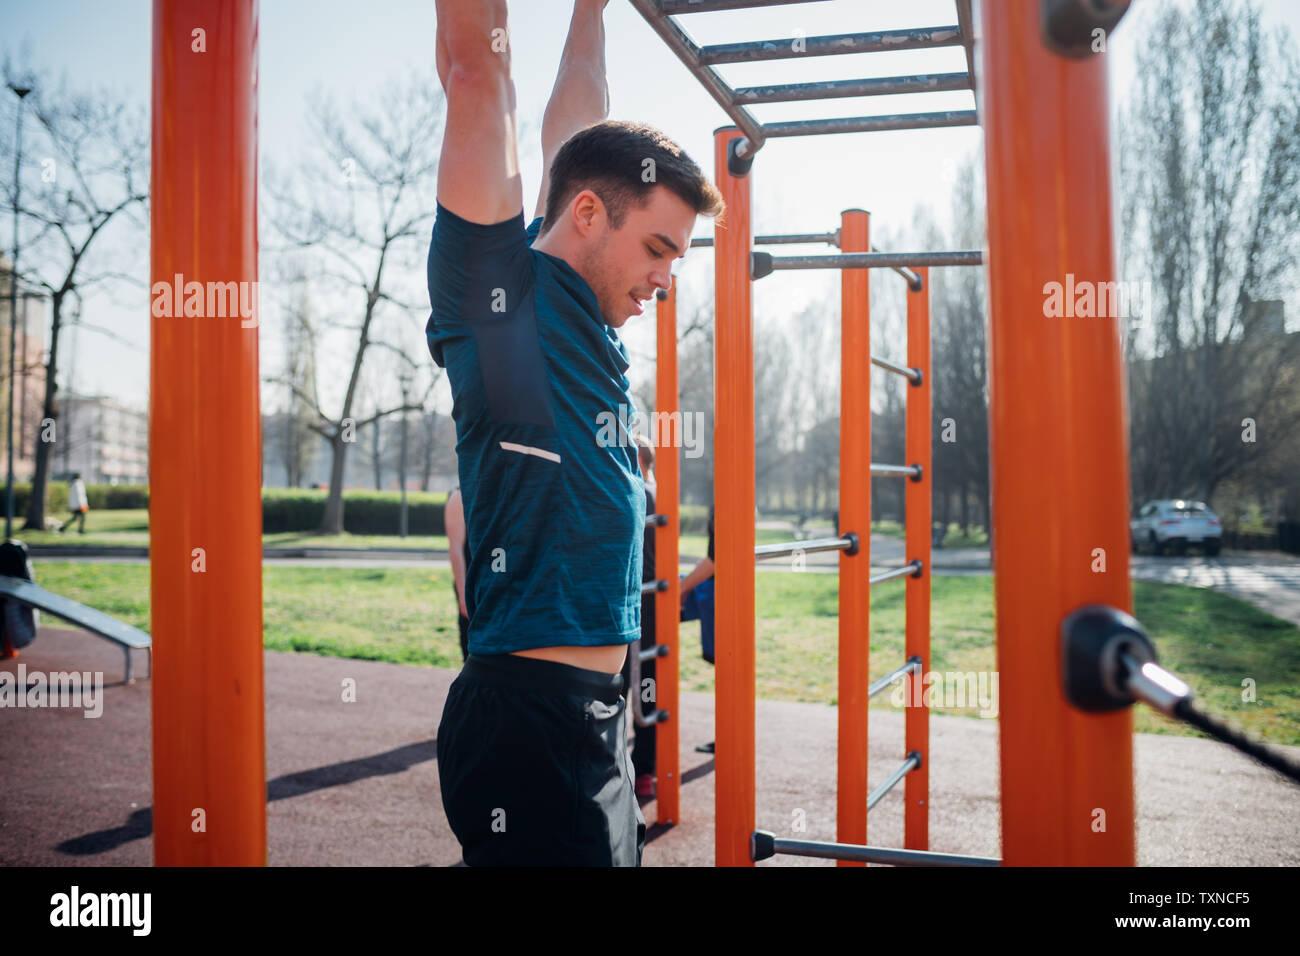 La gymnastique au sport en plein air, jeune homme suspendu à l'équipement d'exercice Photo Stock